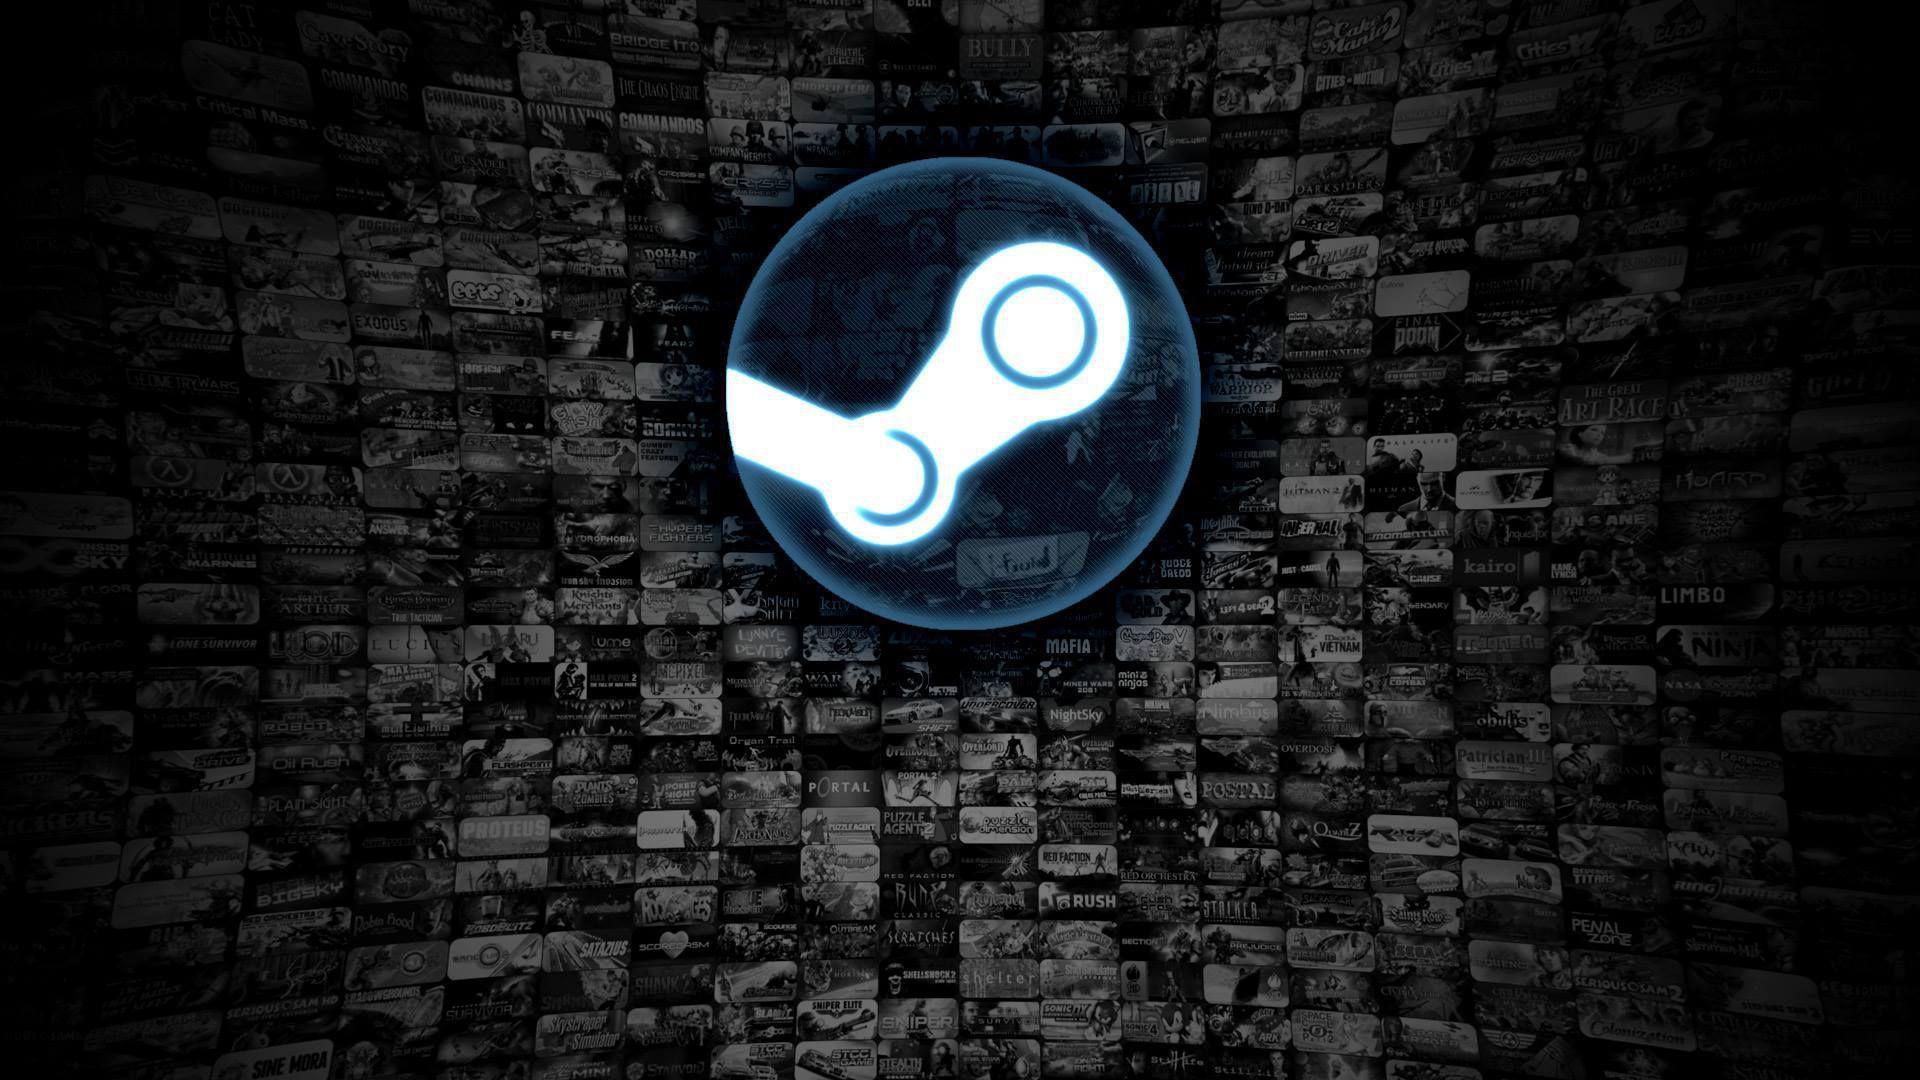 Calendario Saldi Estivi 2020.Sconti Pc Di Steam Trapela Online La Data Di Inizio Dei